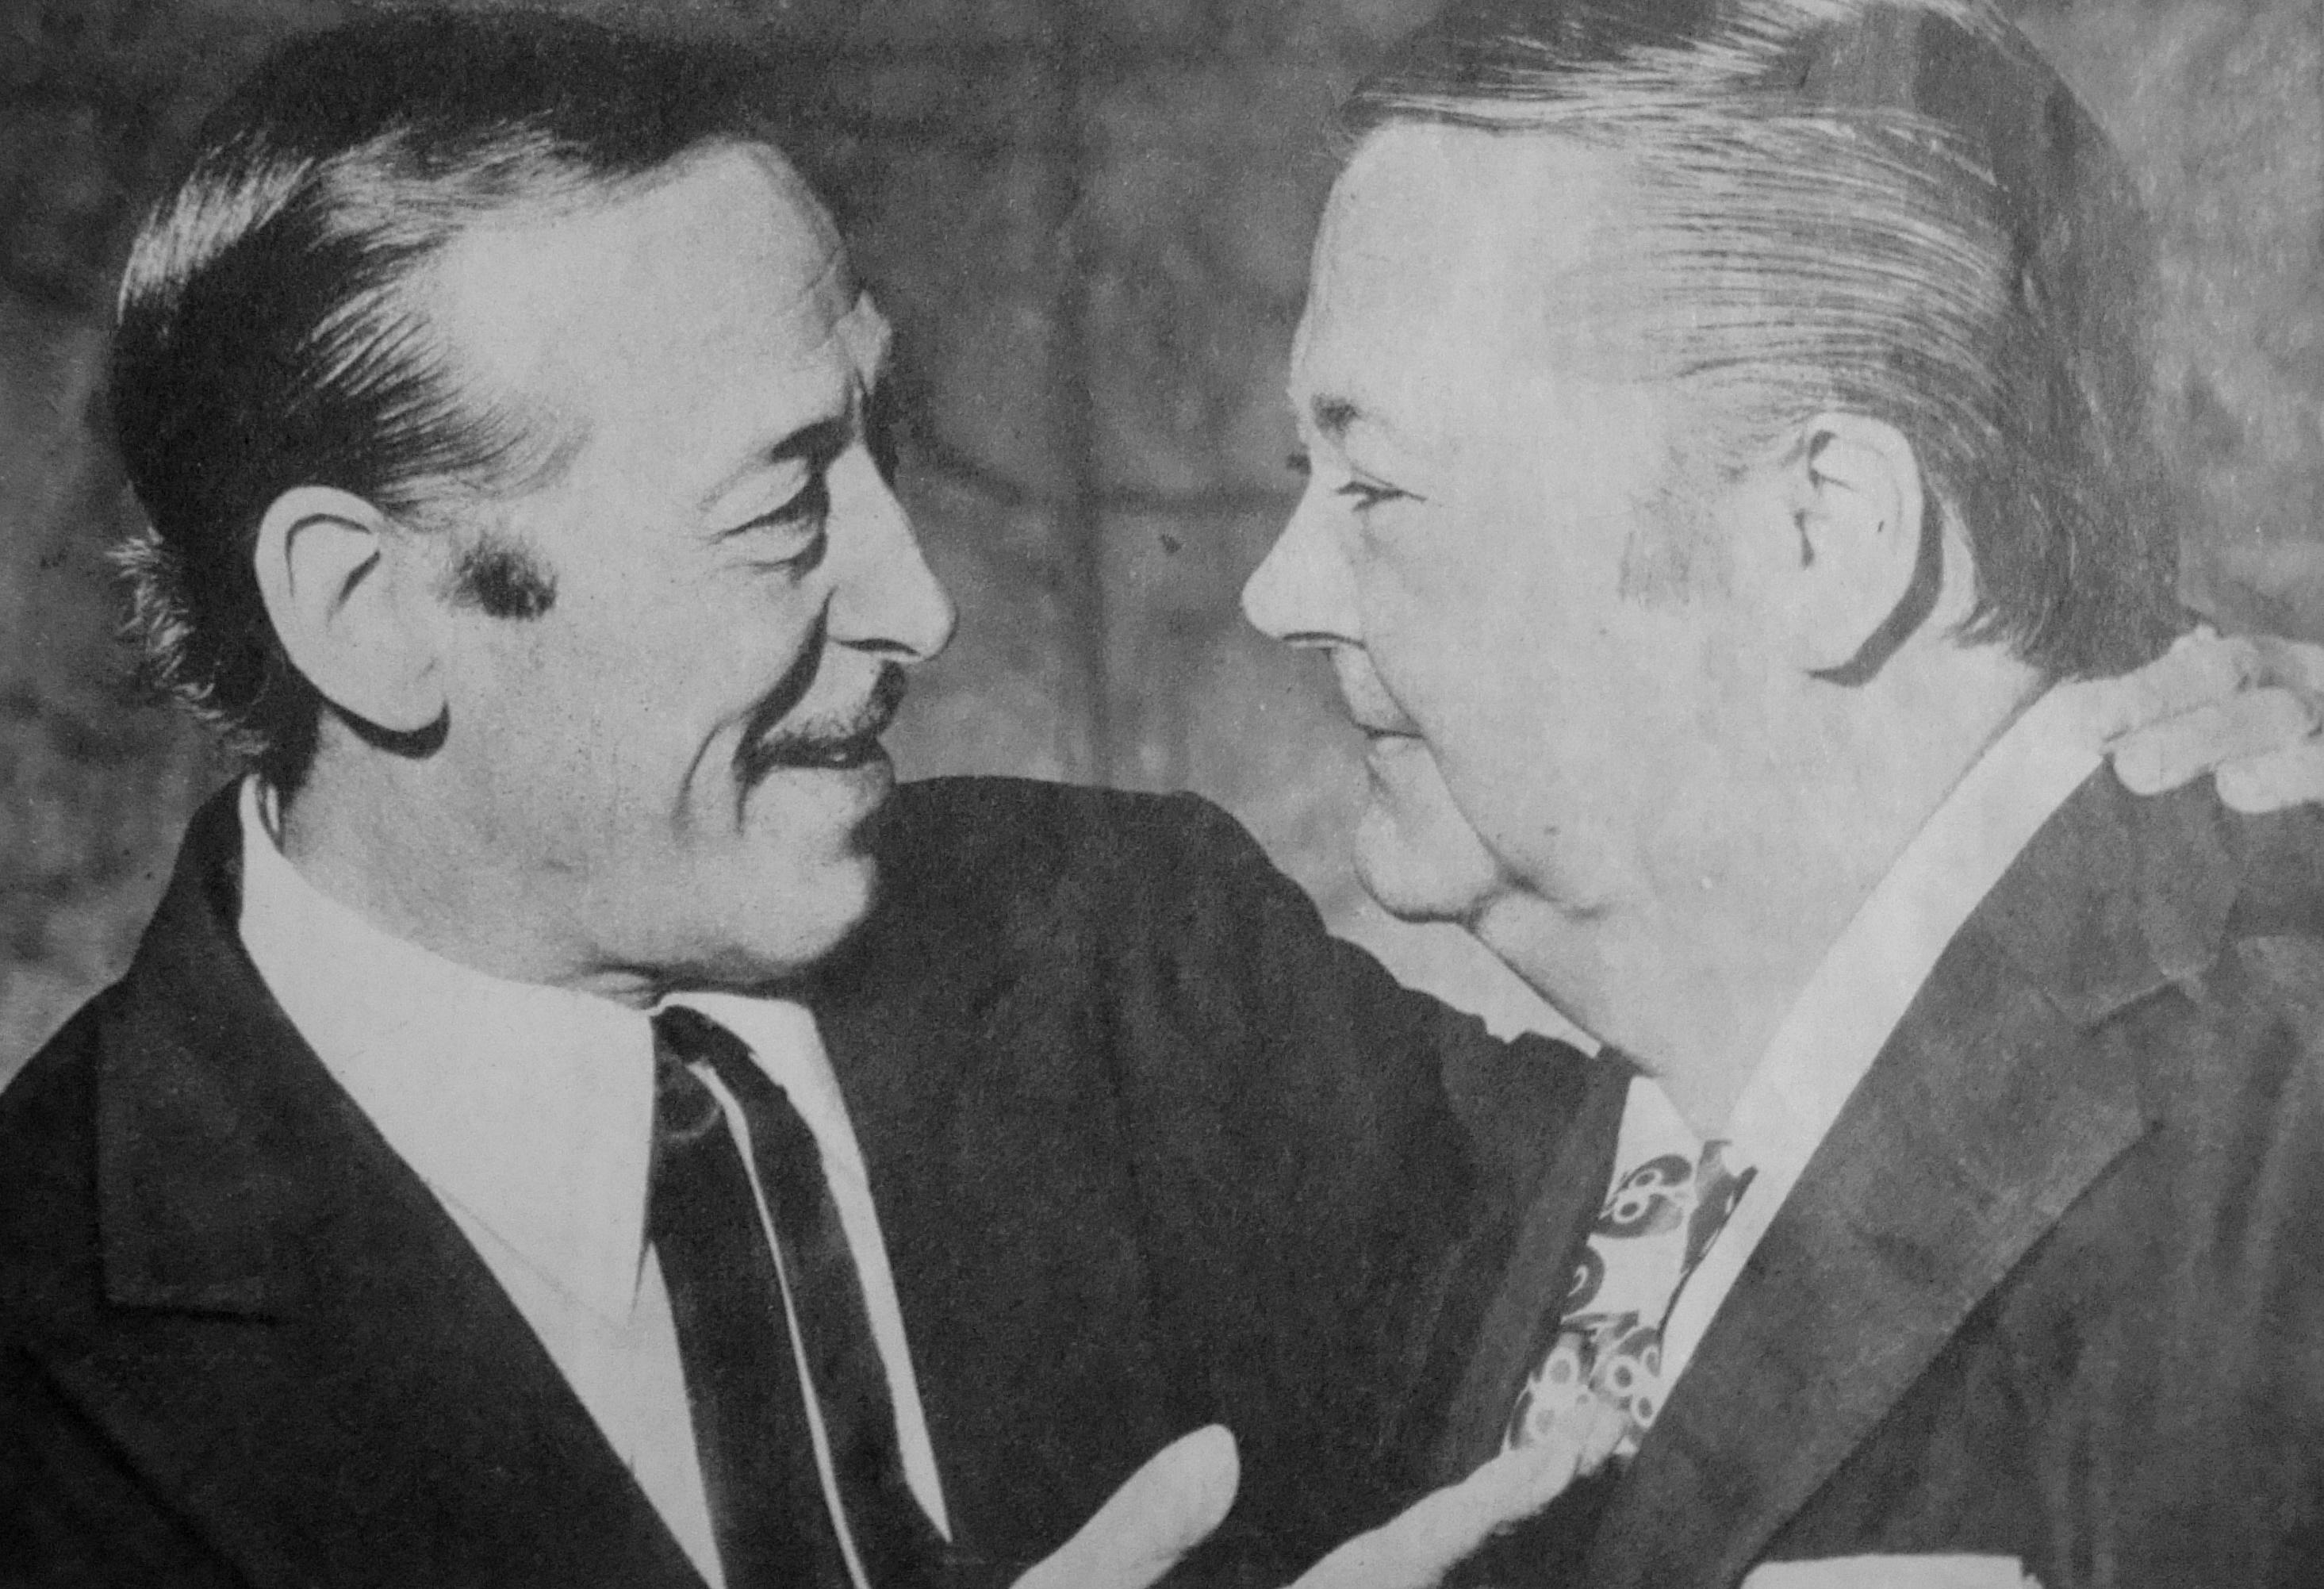 El cantor Roberto Goyeneche junto a Aníbal Troilo. Fotografía en la revista Radiolandia de abril de 1972.